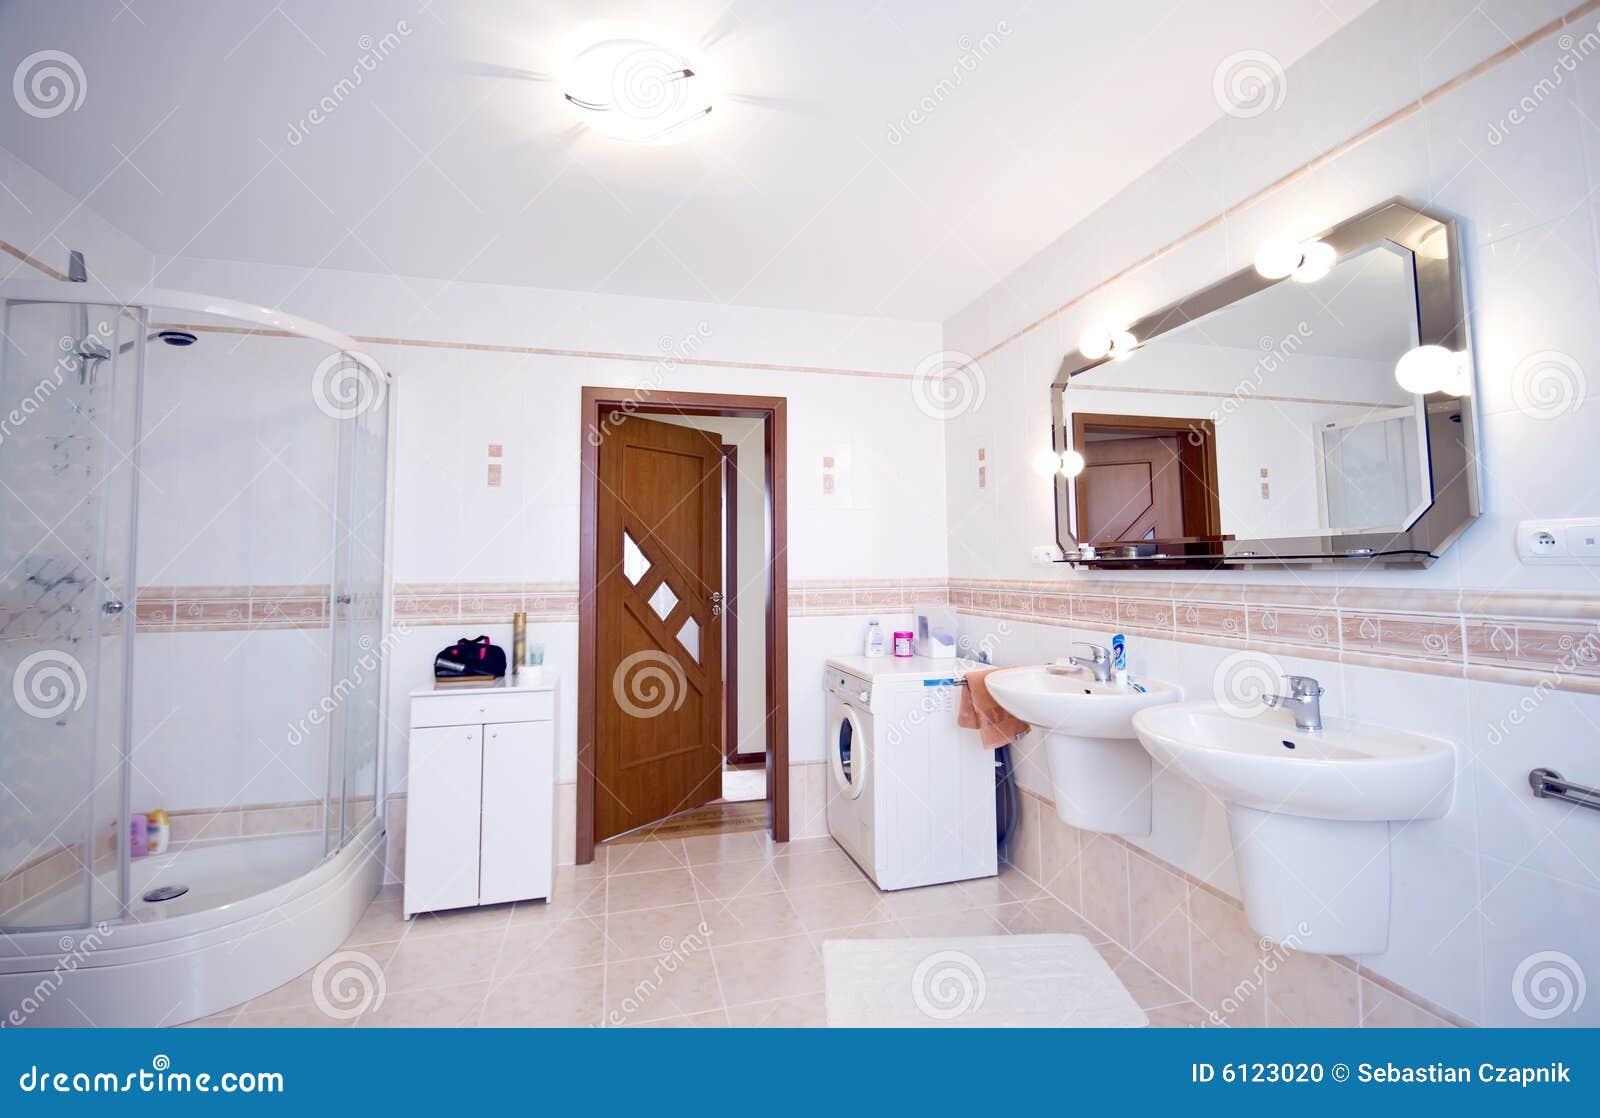 Wnętrze nowoczesne toalety